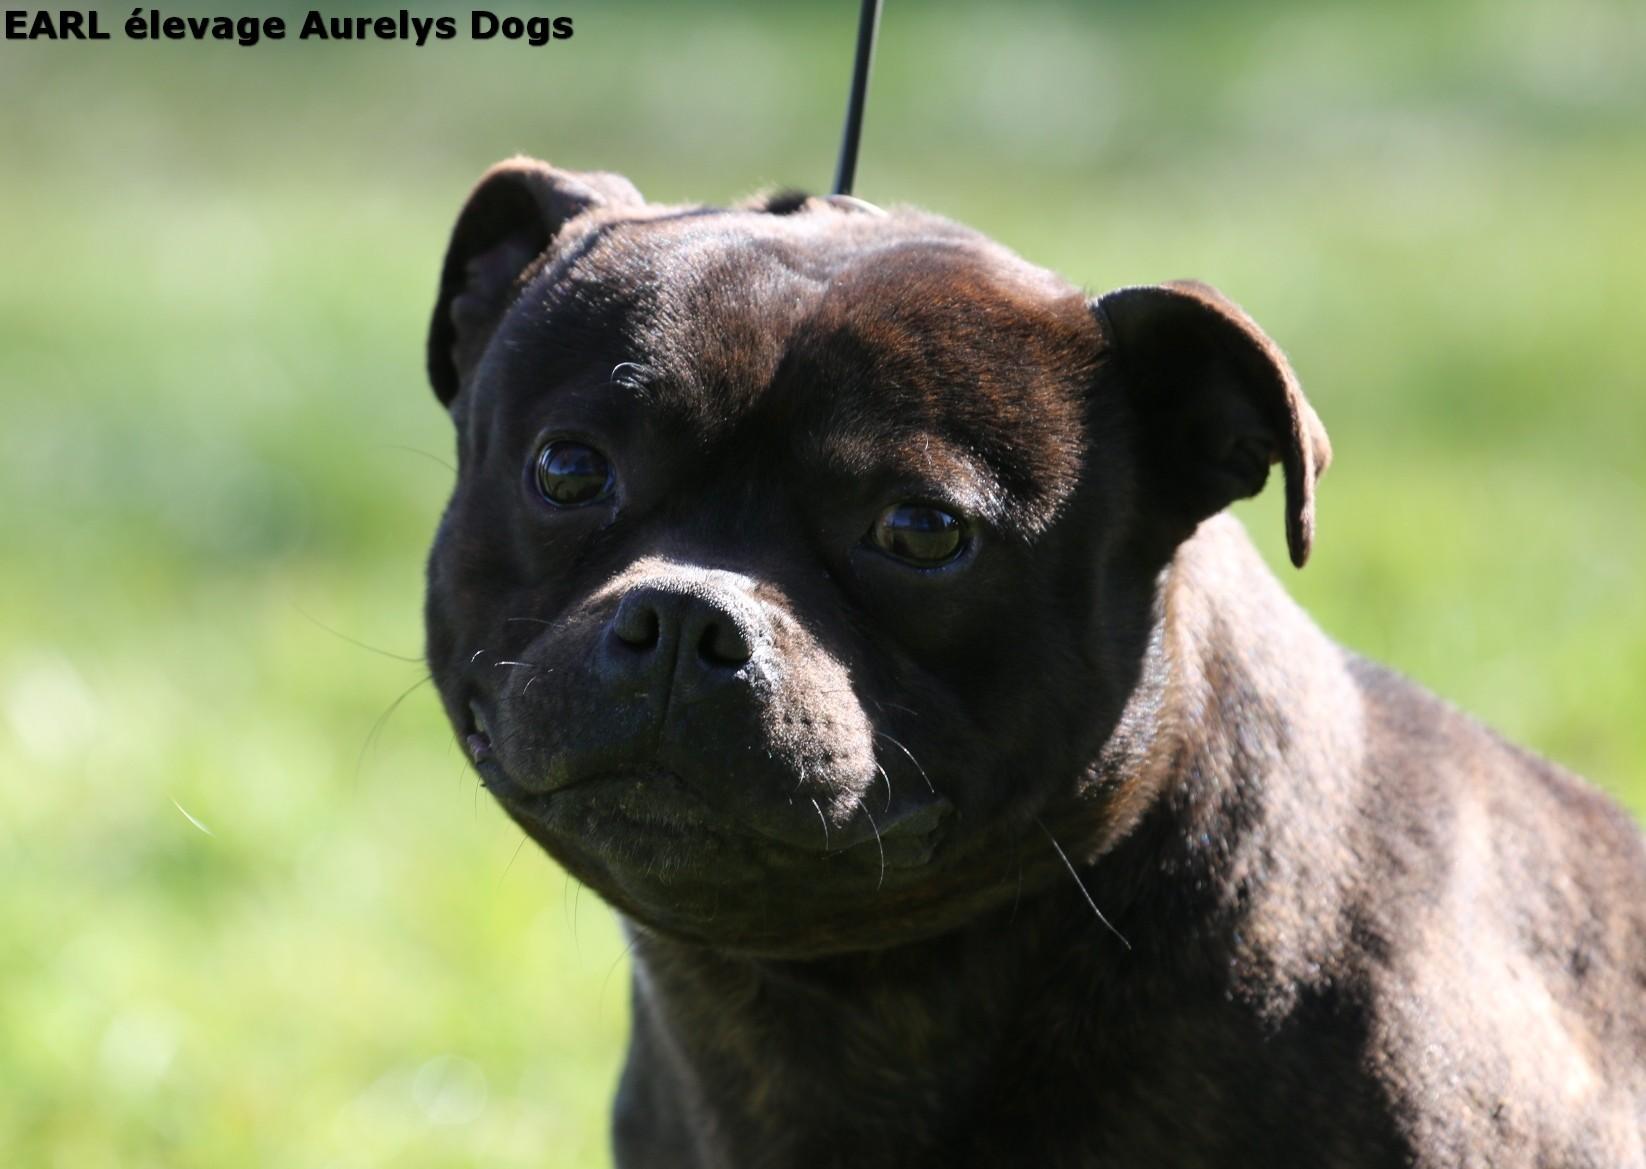 Publication : Aurely's Dogs  Auteur : EARL élevage Aurelys Dogs